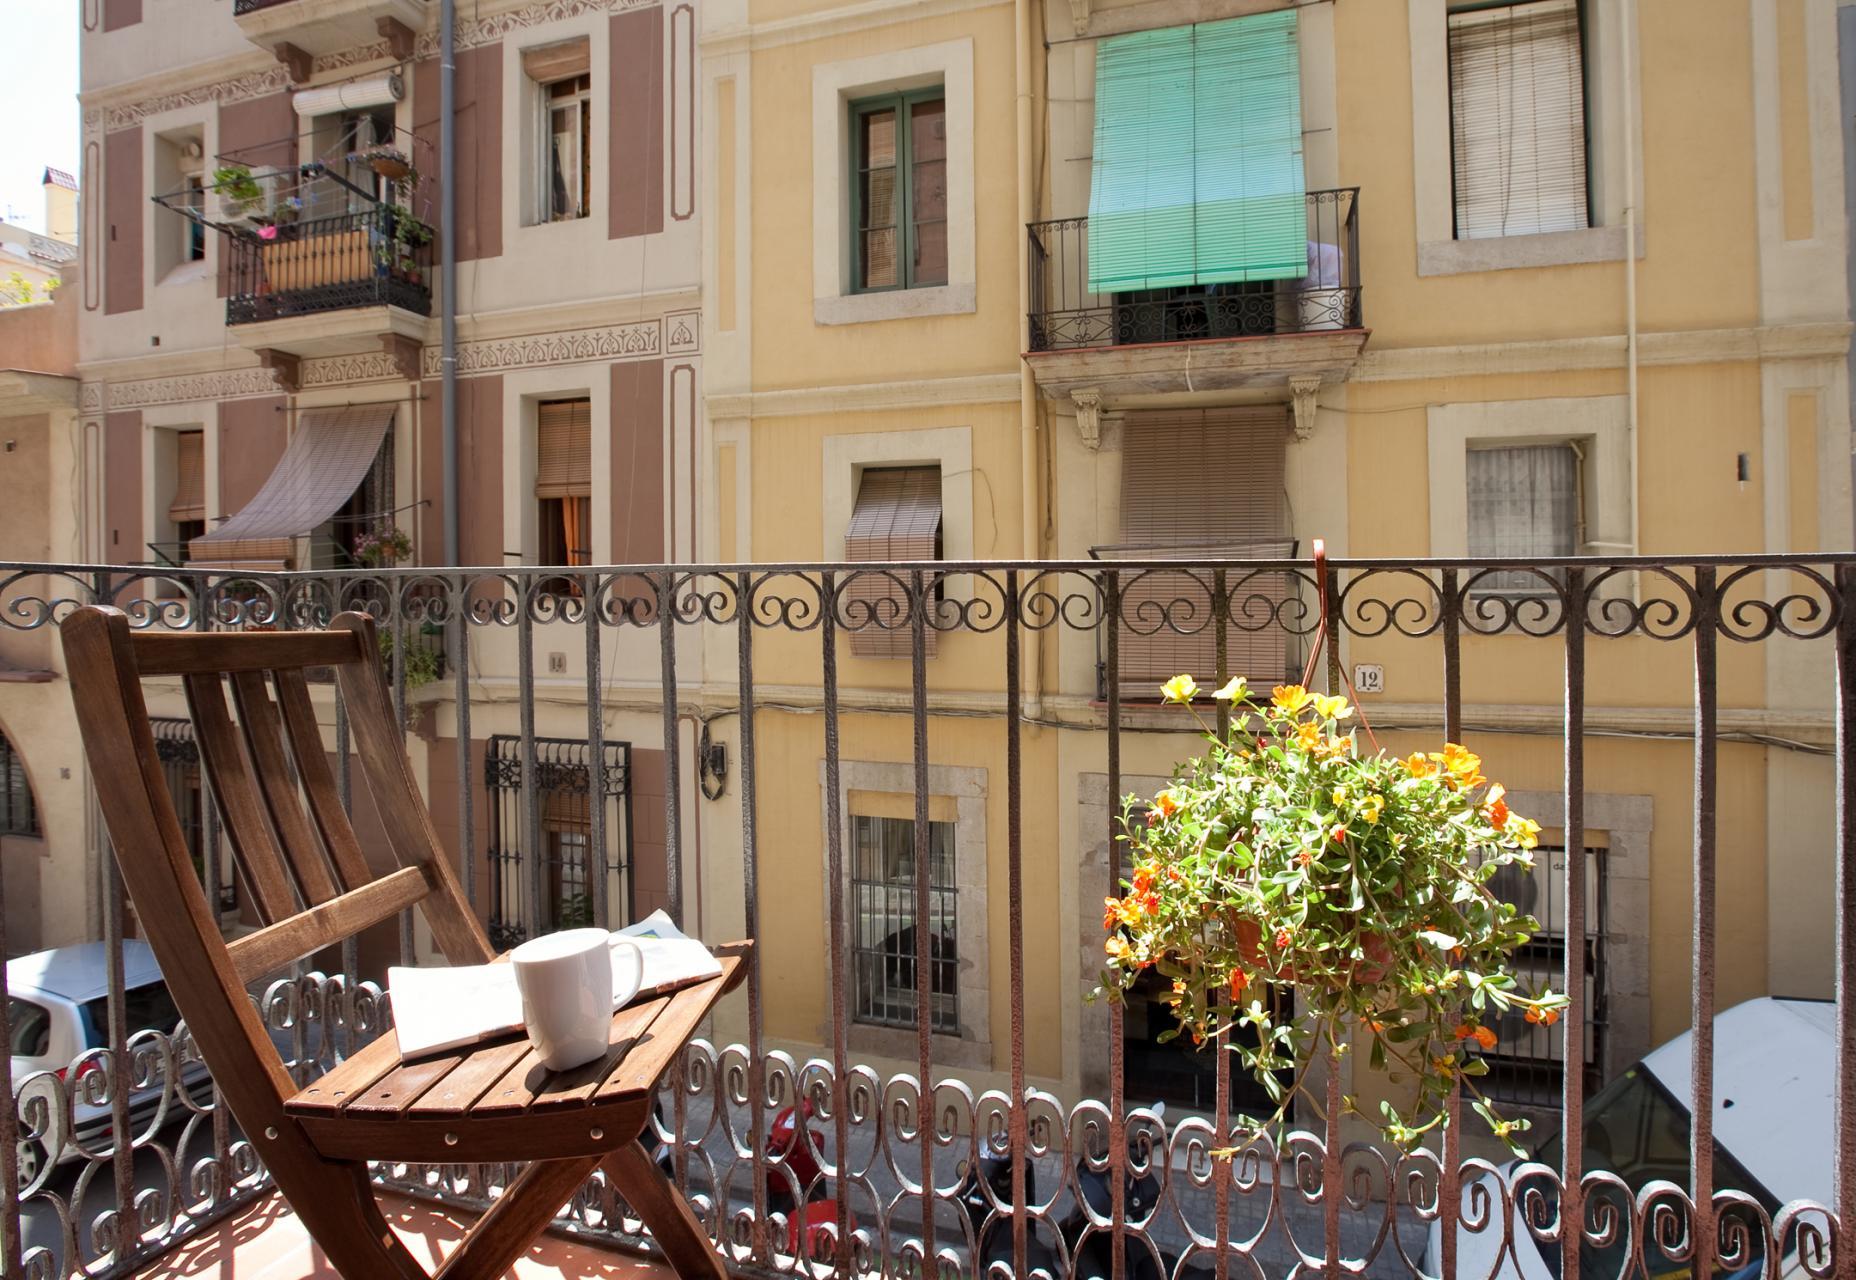 Sbarcelona piso en alquiler por meses cerca de la playa for Pisos alquiler los barrios